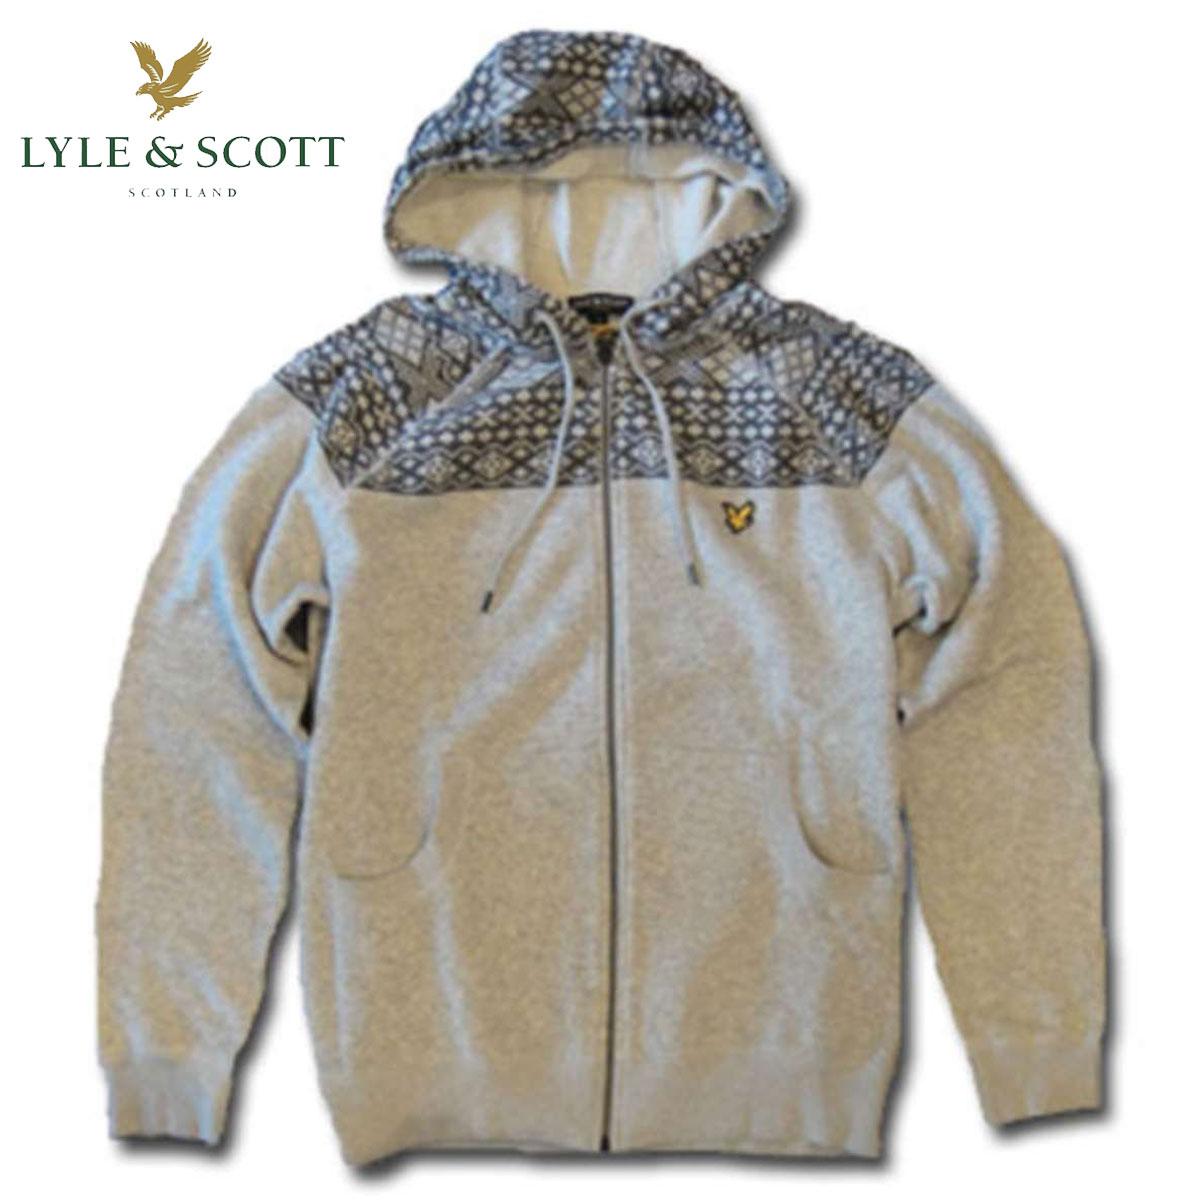 ライルアンドスコット LYLE&SCOTT 正規販売店 FAIRISLE HOOFED SWEATER フーデッドセーター ブレー D35S45